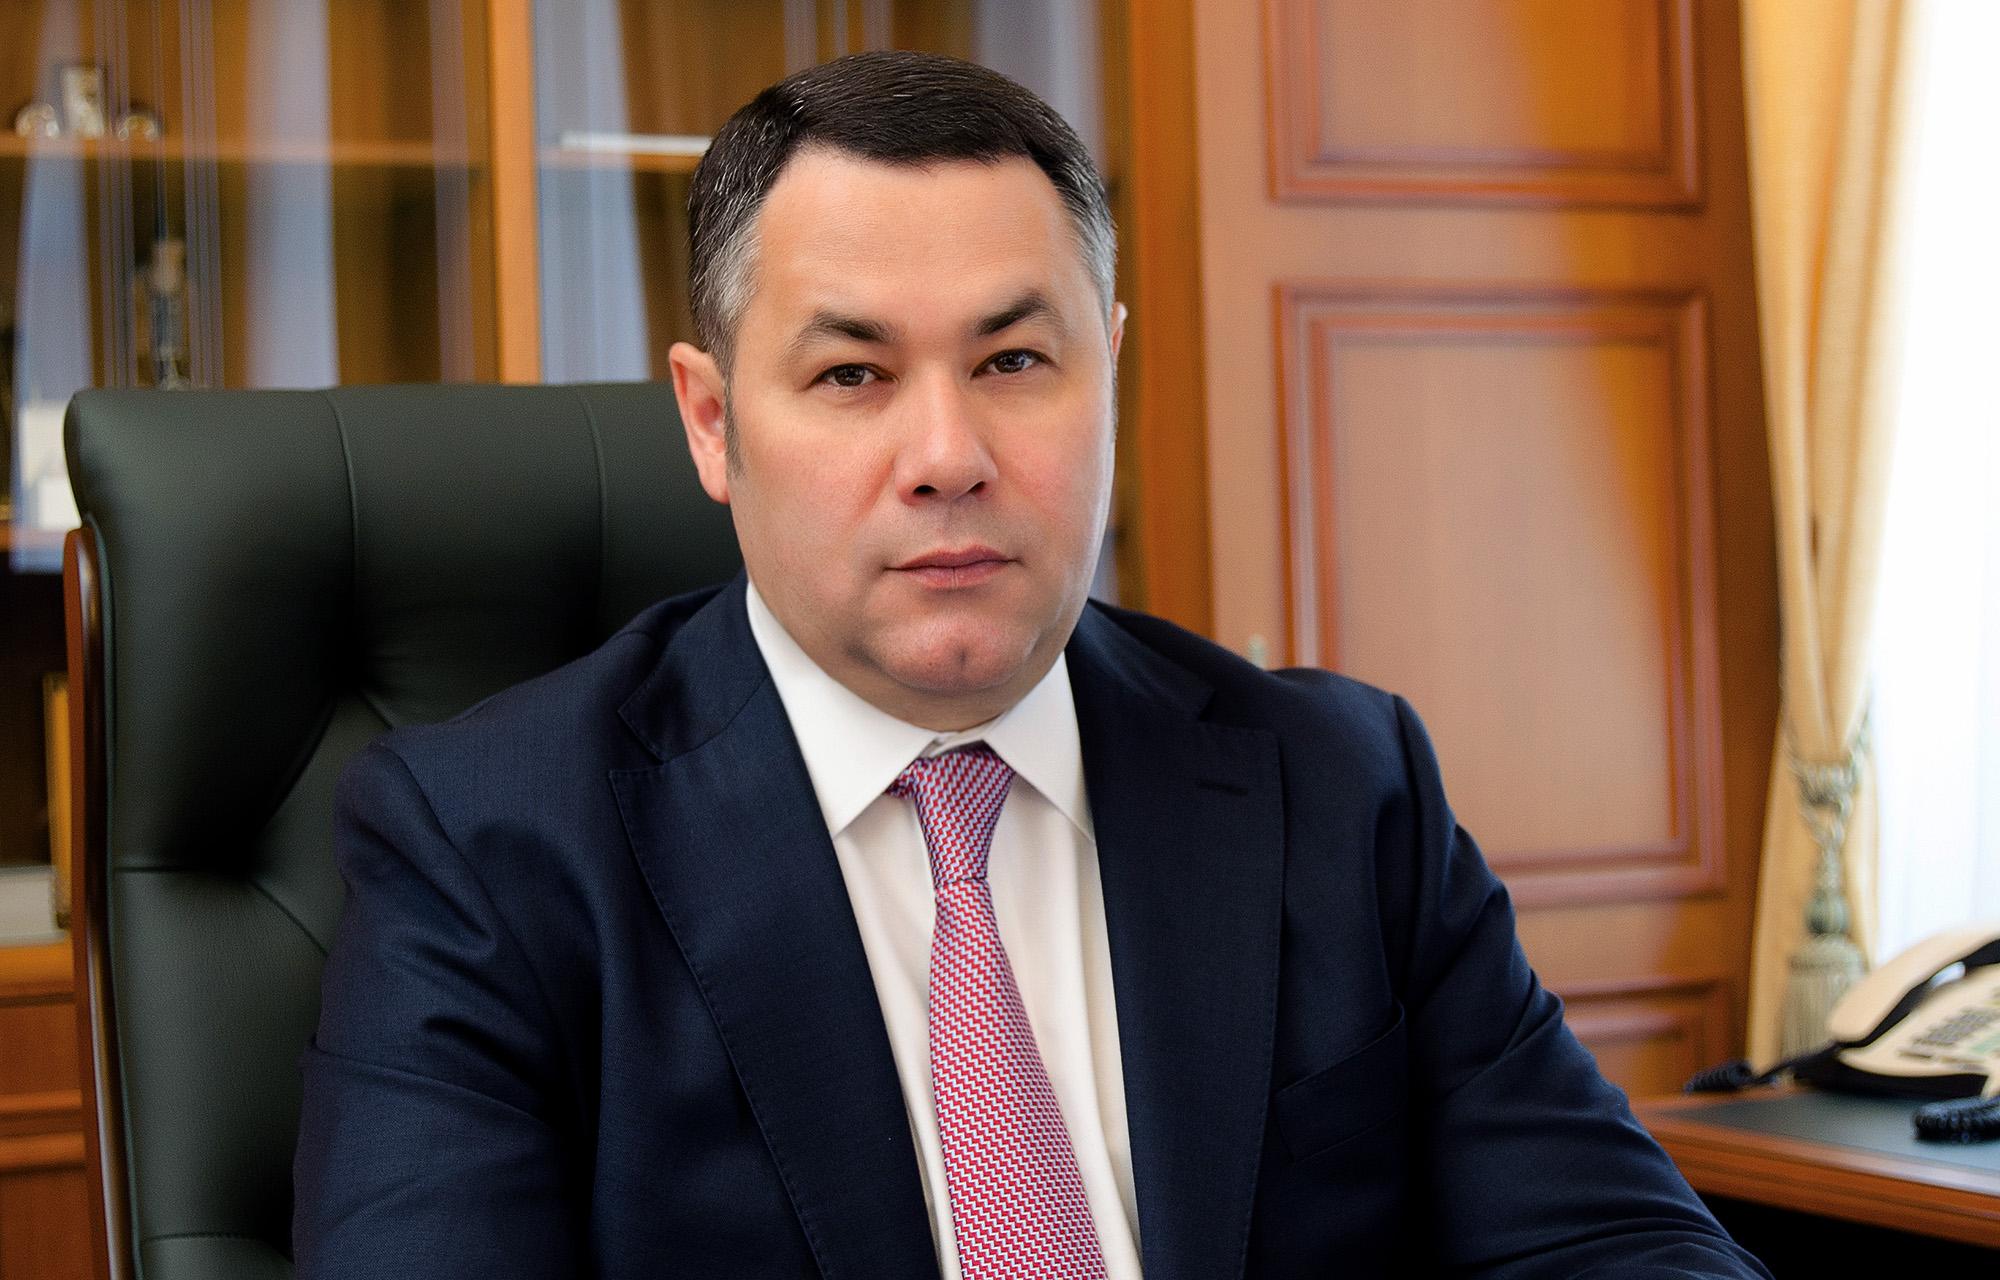 Игорь Руденя поздравил работников автотранспорта с профессиональным праздником